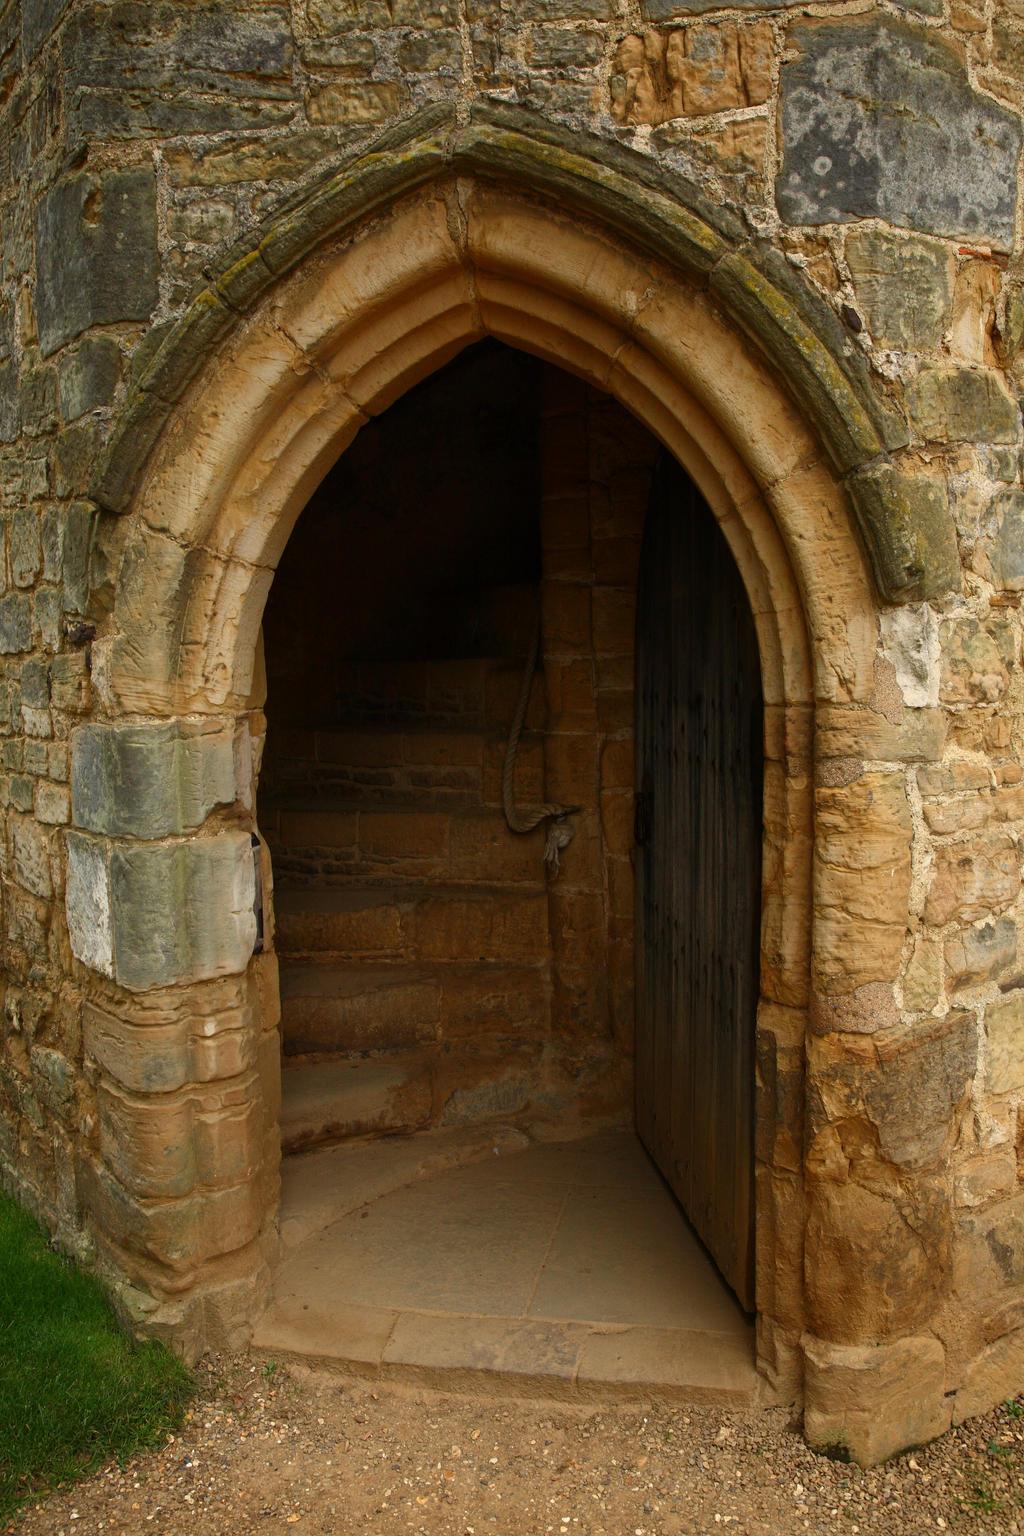 ... Doorway-Castle-Battle by NickiStock & Doorway-Castle-Battle by NickiStock on DeviantArt pezcame.com